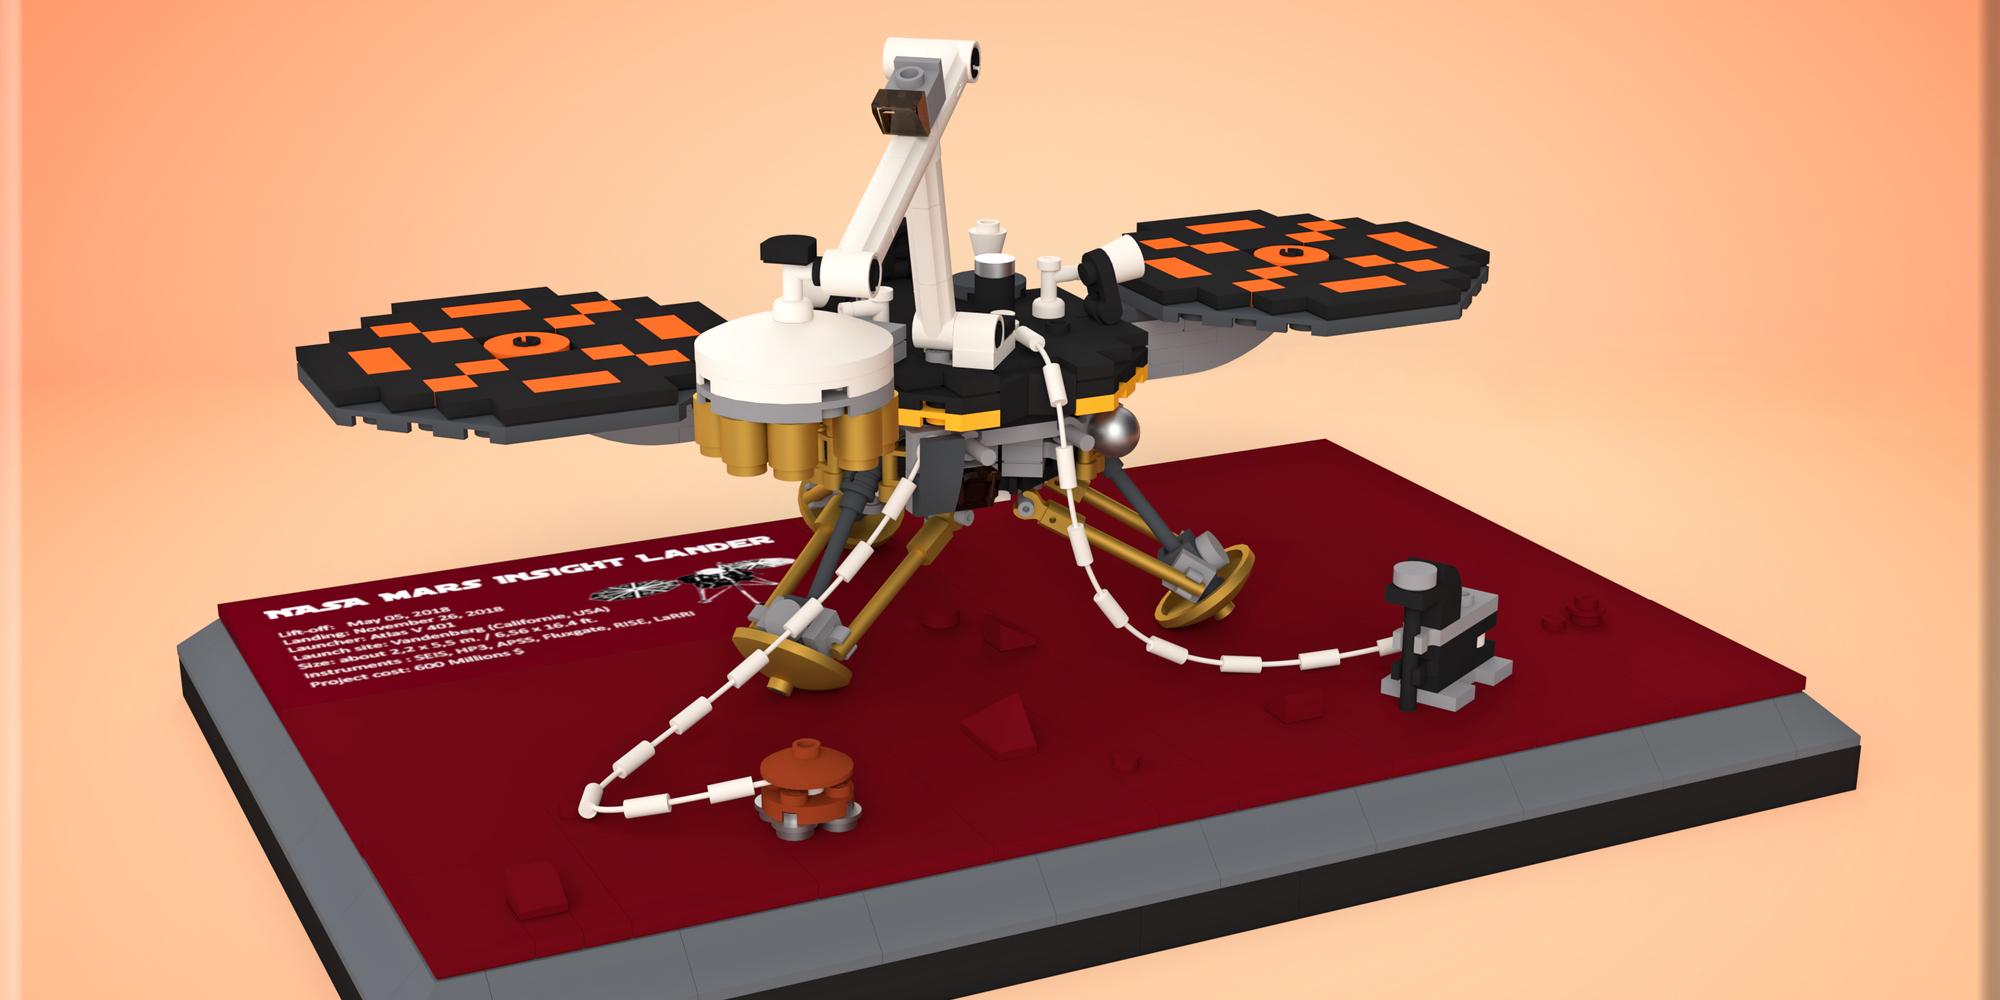 November's LEGO Ideas kits Insight